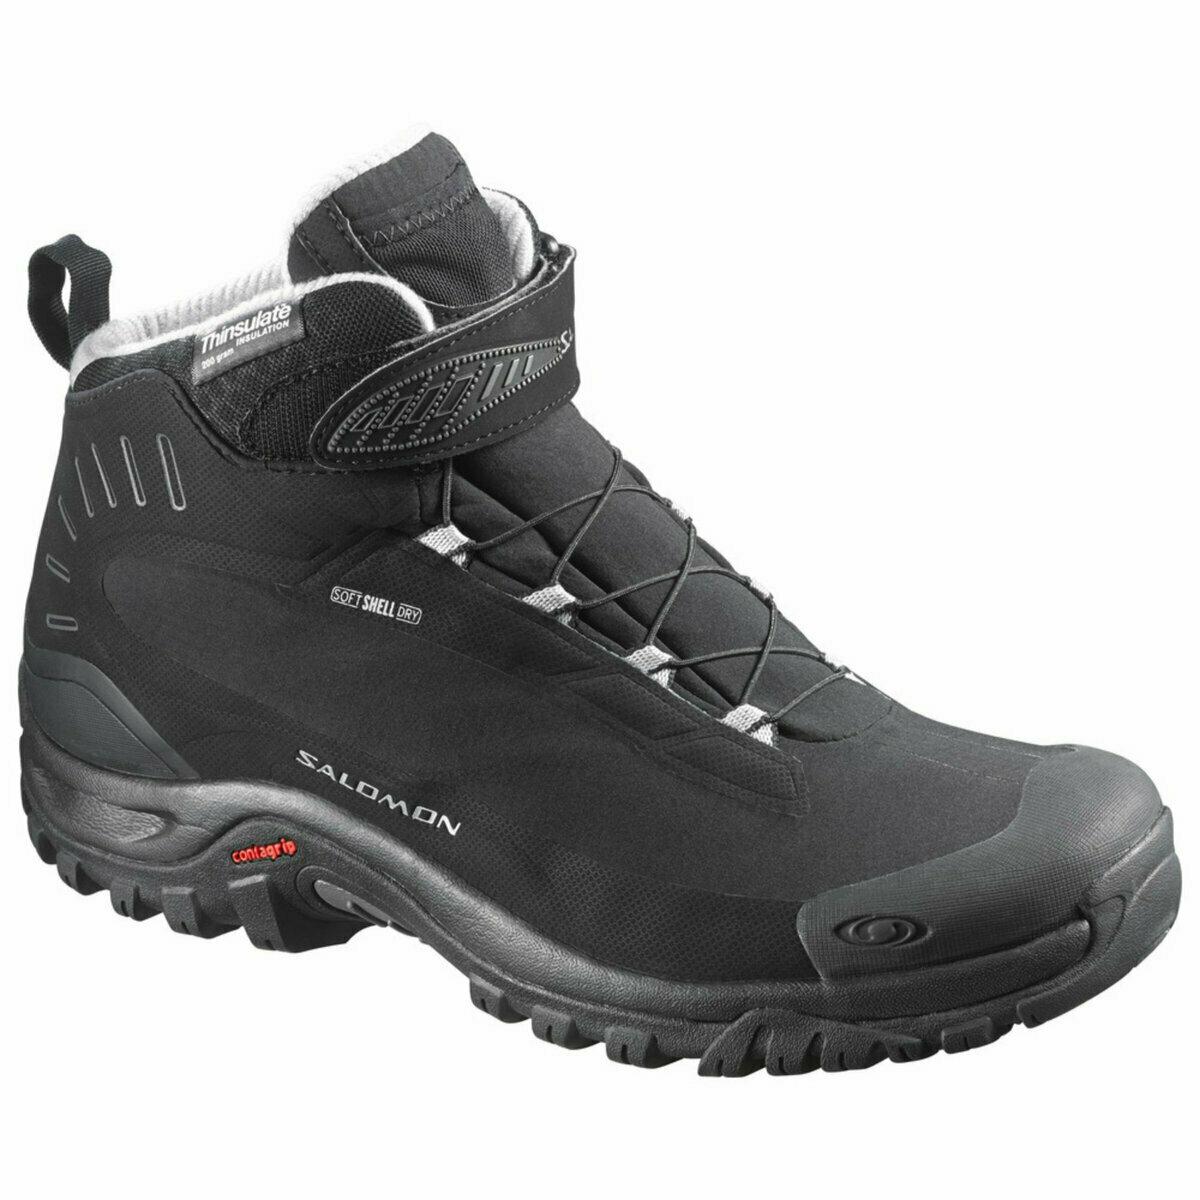 Зимние ботинки Salomon в Октябрьске